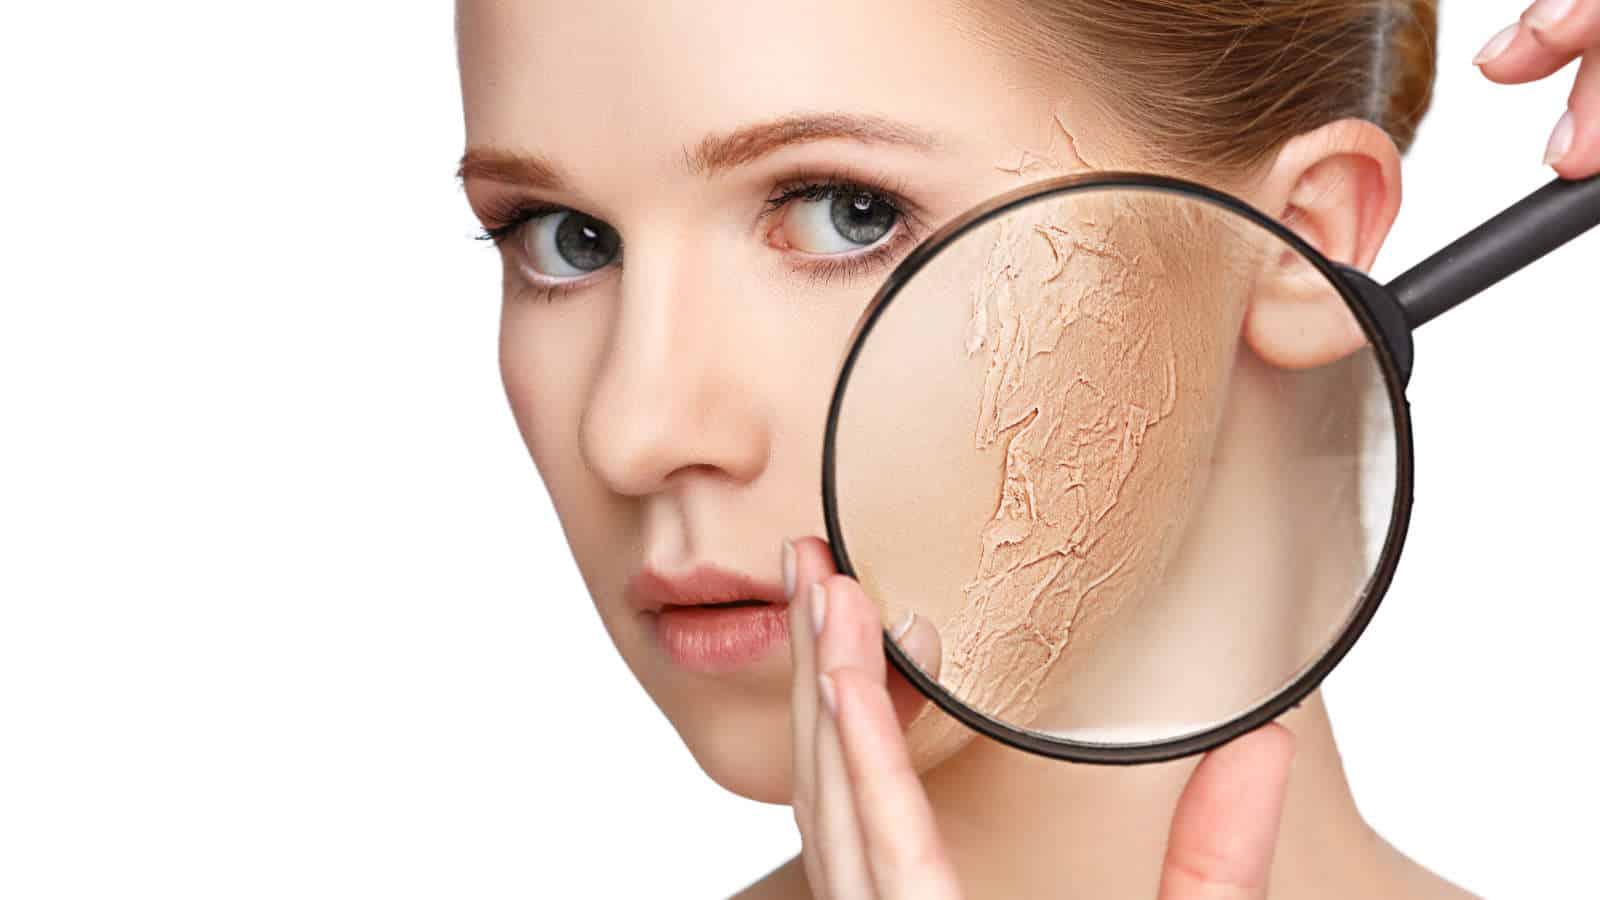 Trockene Haut- Ursachen, Behandlung, Tipps und wie man es loswird